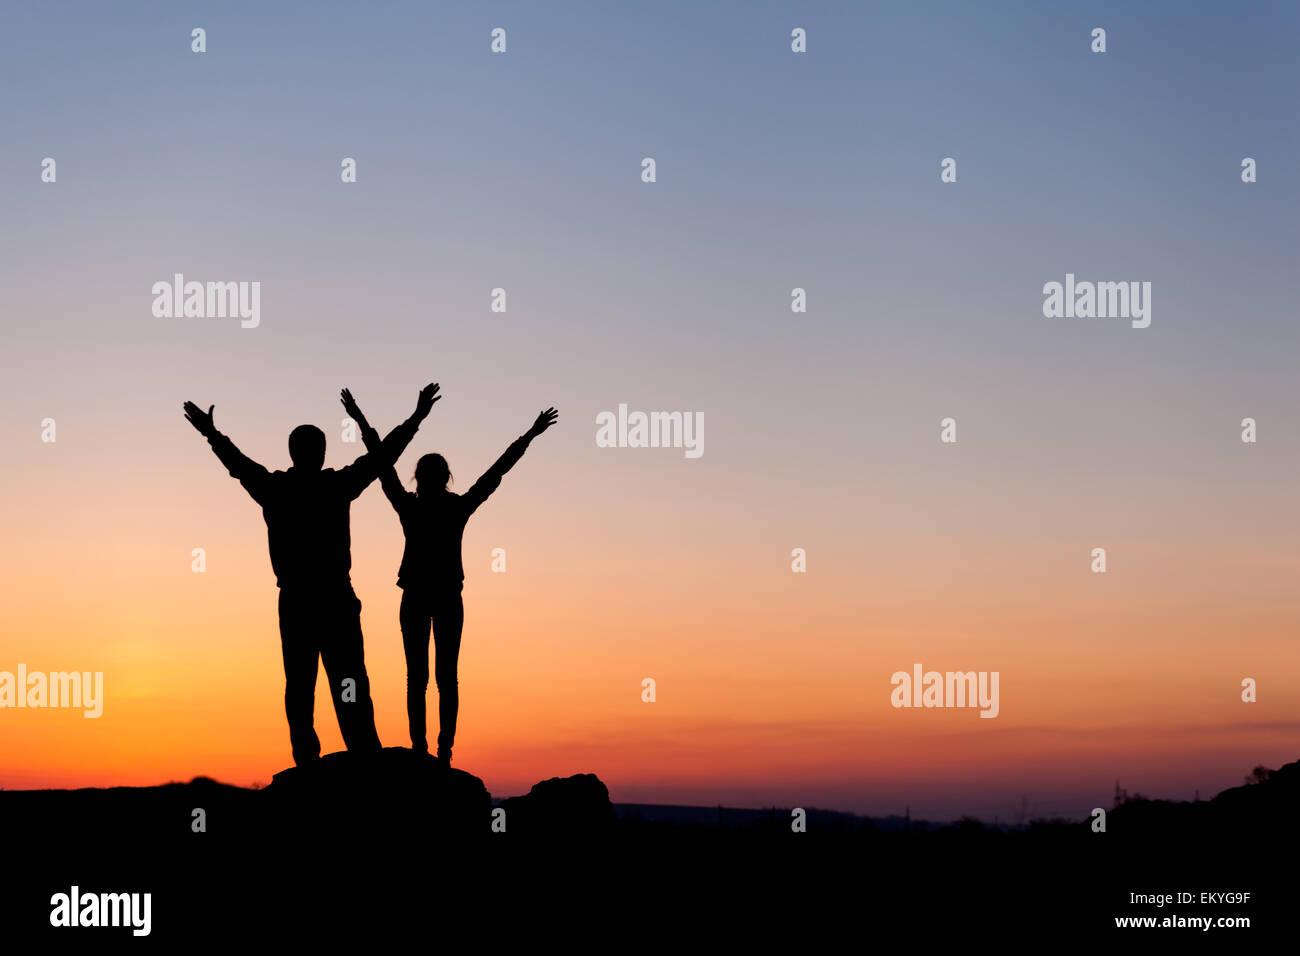 Silueta de la felicidad familiar con los brazos levantados contra el bello colorido del cielo. Atardecer de verano. Imagen De Stock